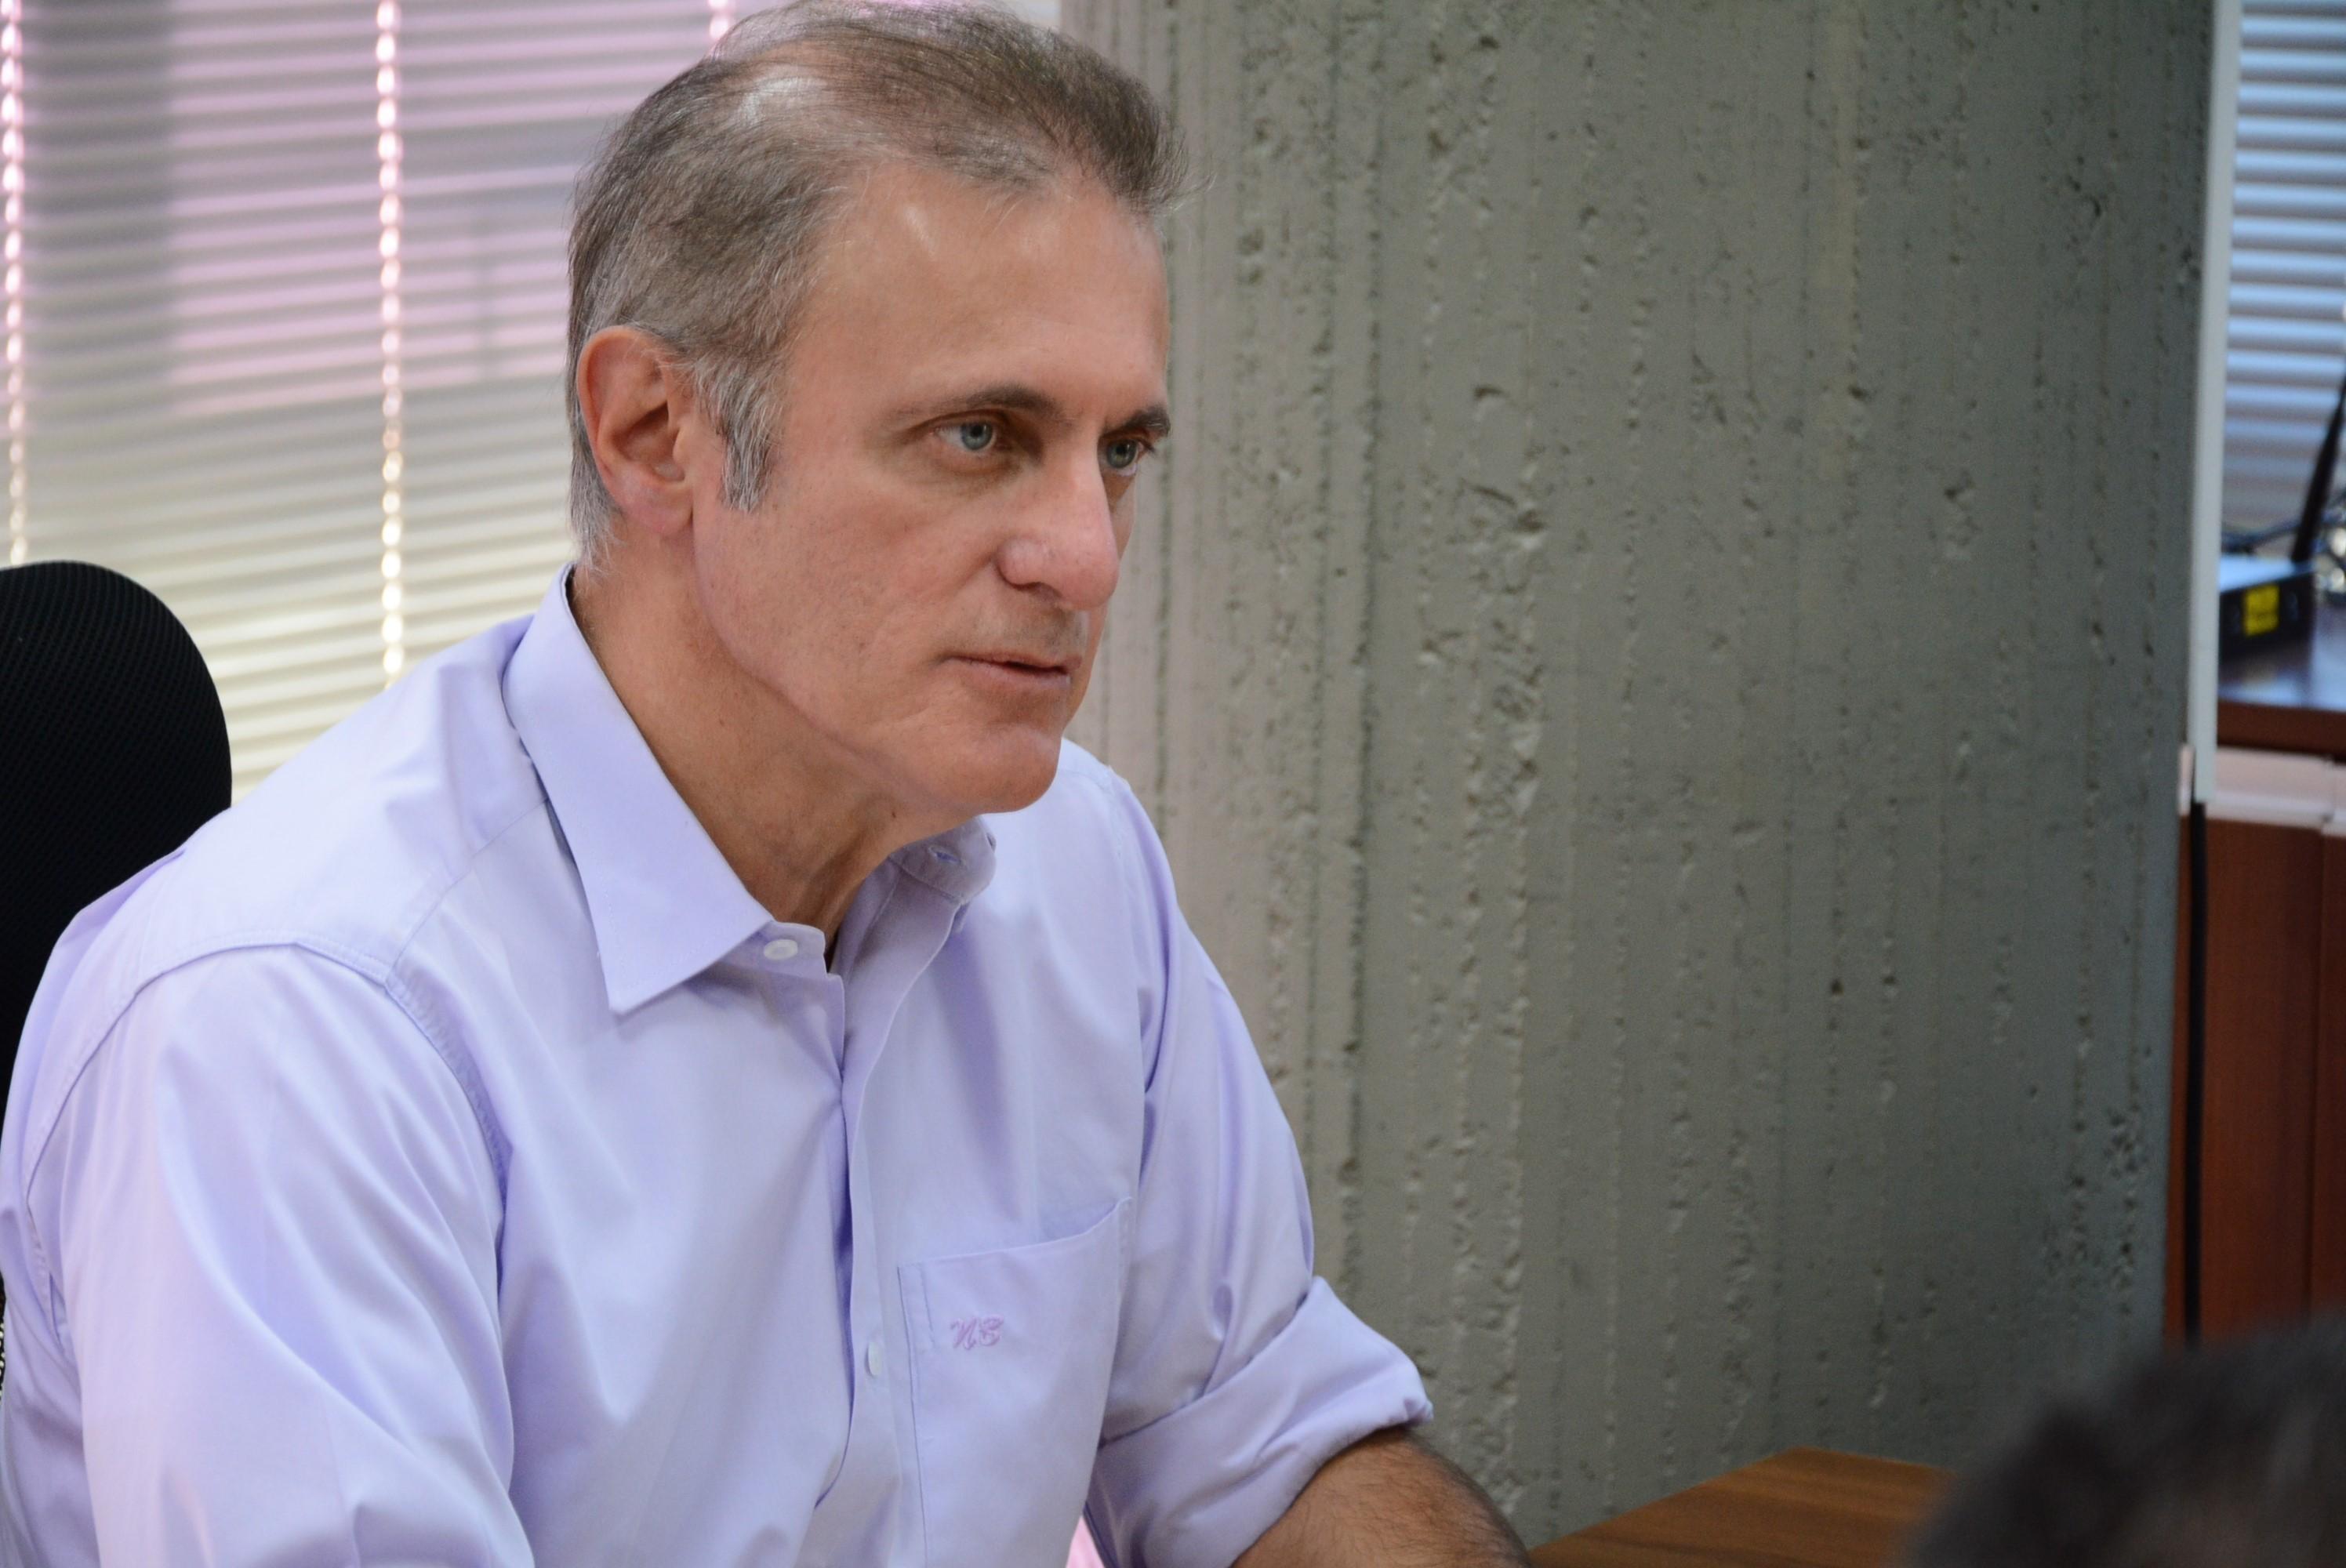 'Há suspeitas de várias pessoas que estão ali de forma irregular', diz prefeito sobre Camelódromo - Notícias - Plantão Diário